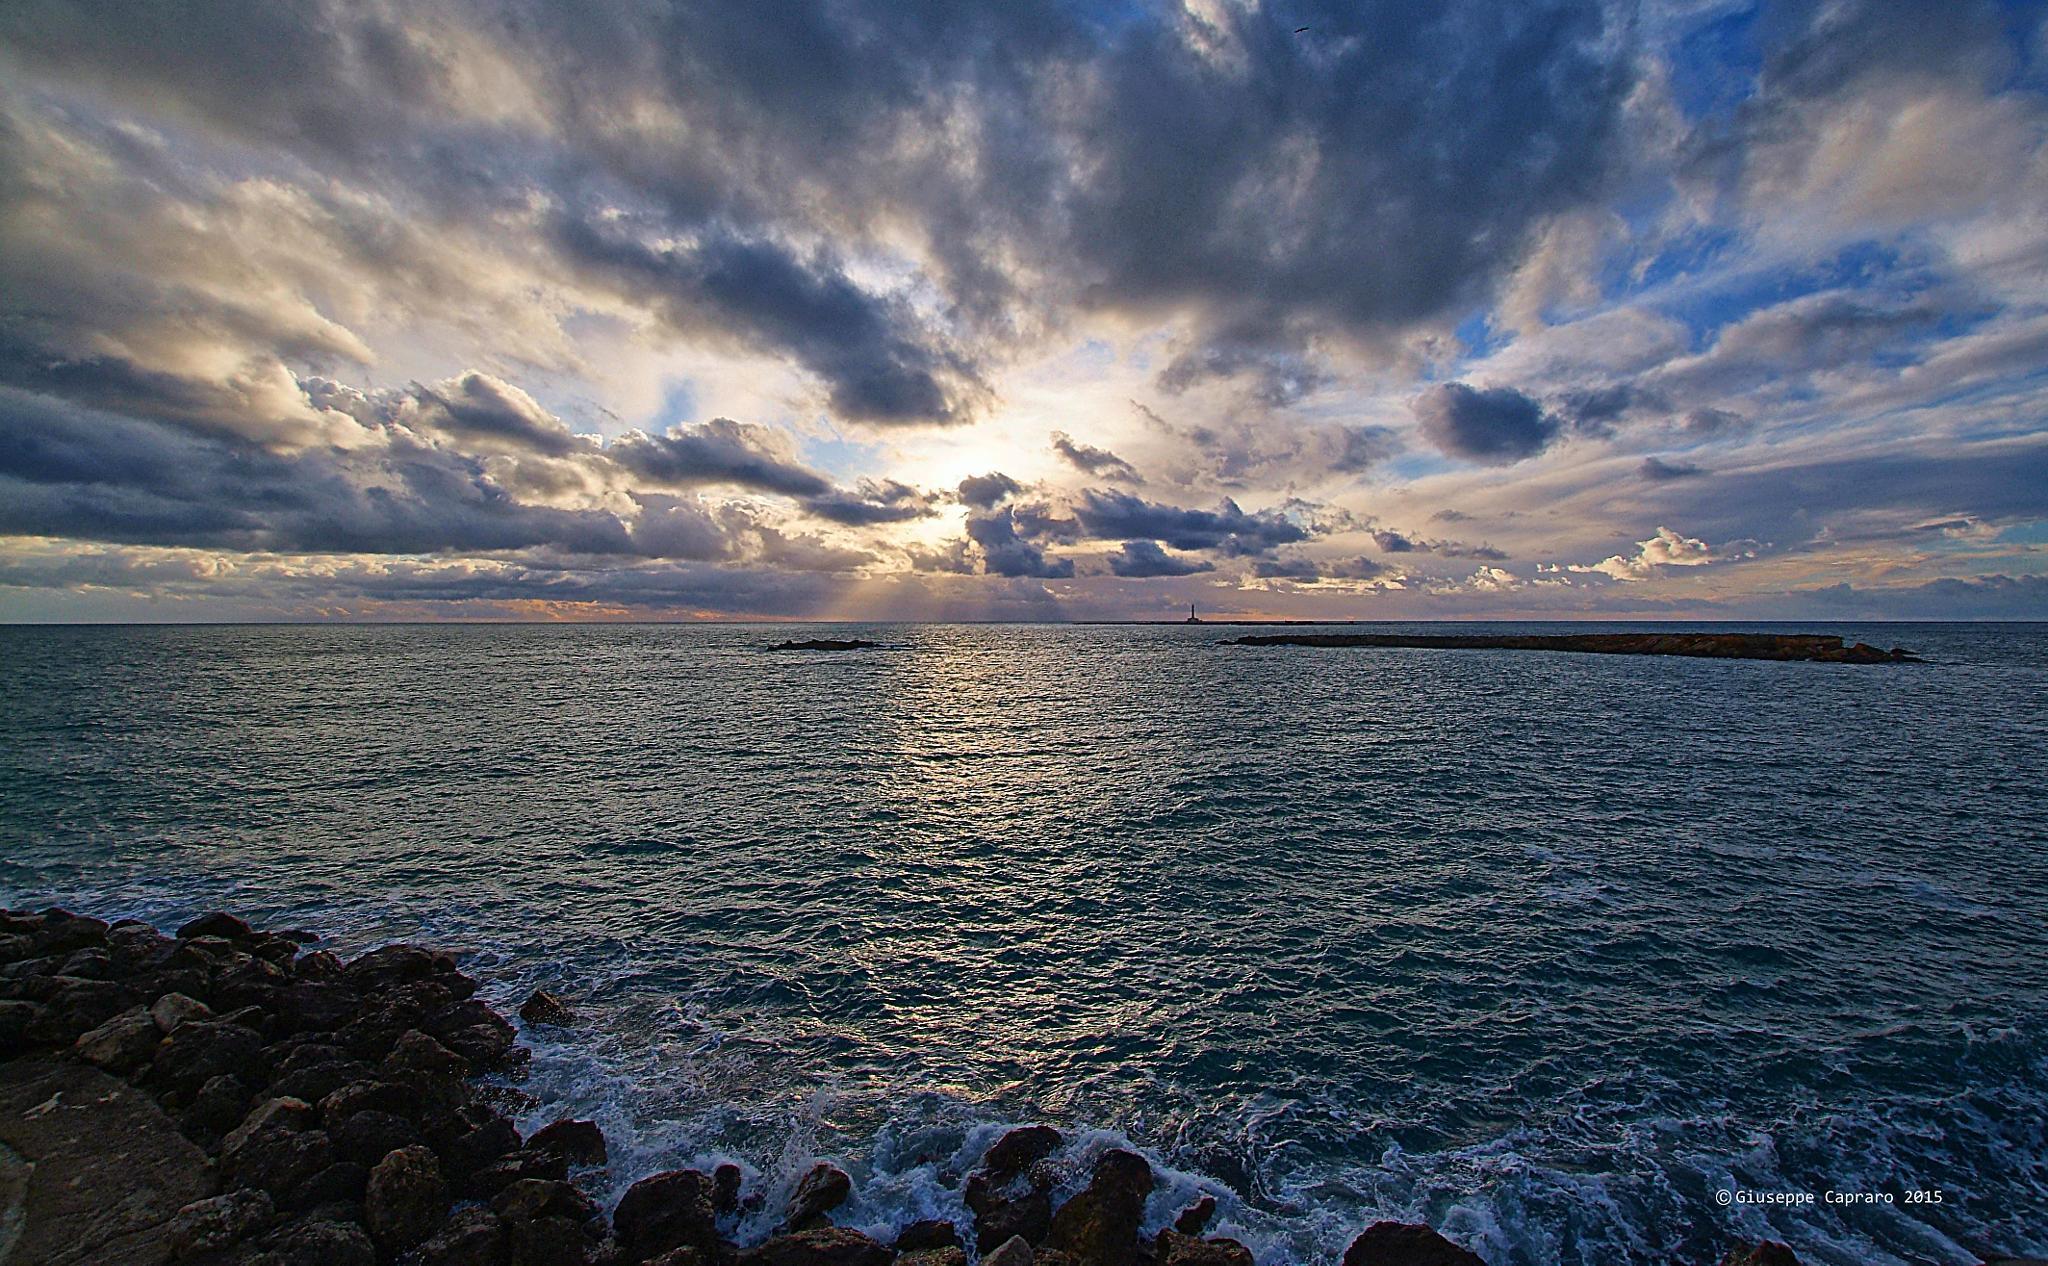 Winter sea by Giuseppe Capraro